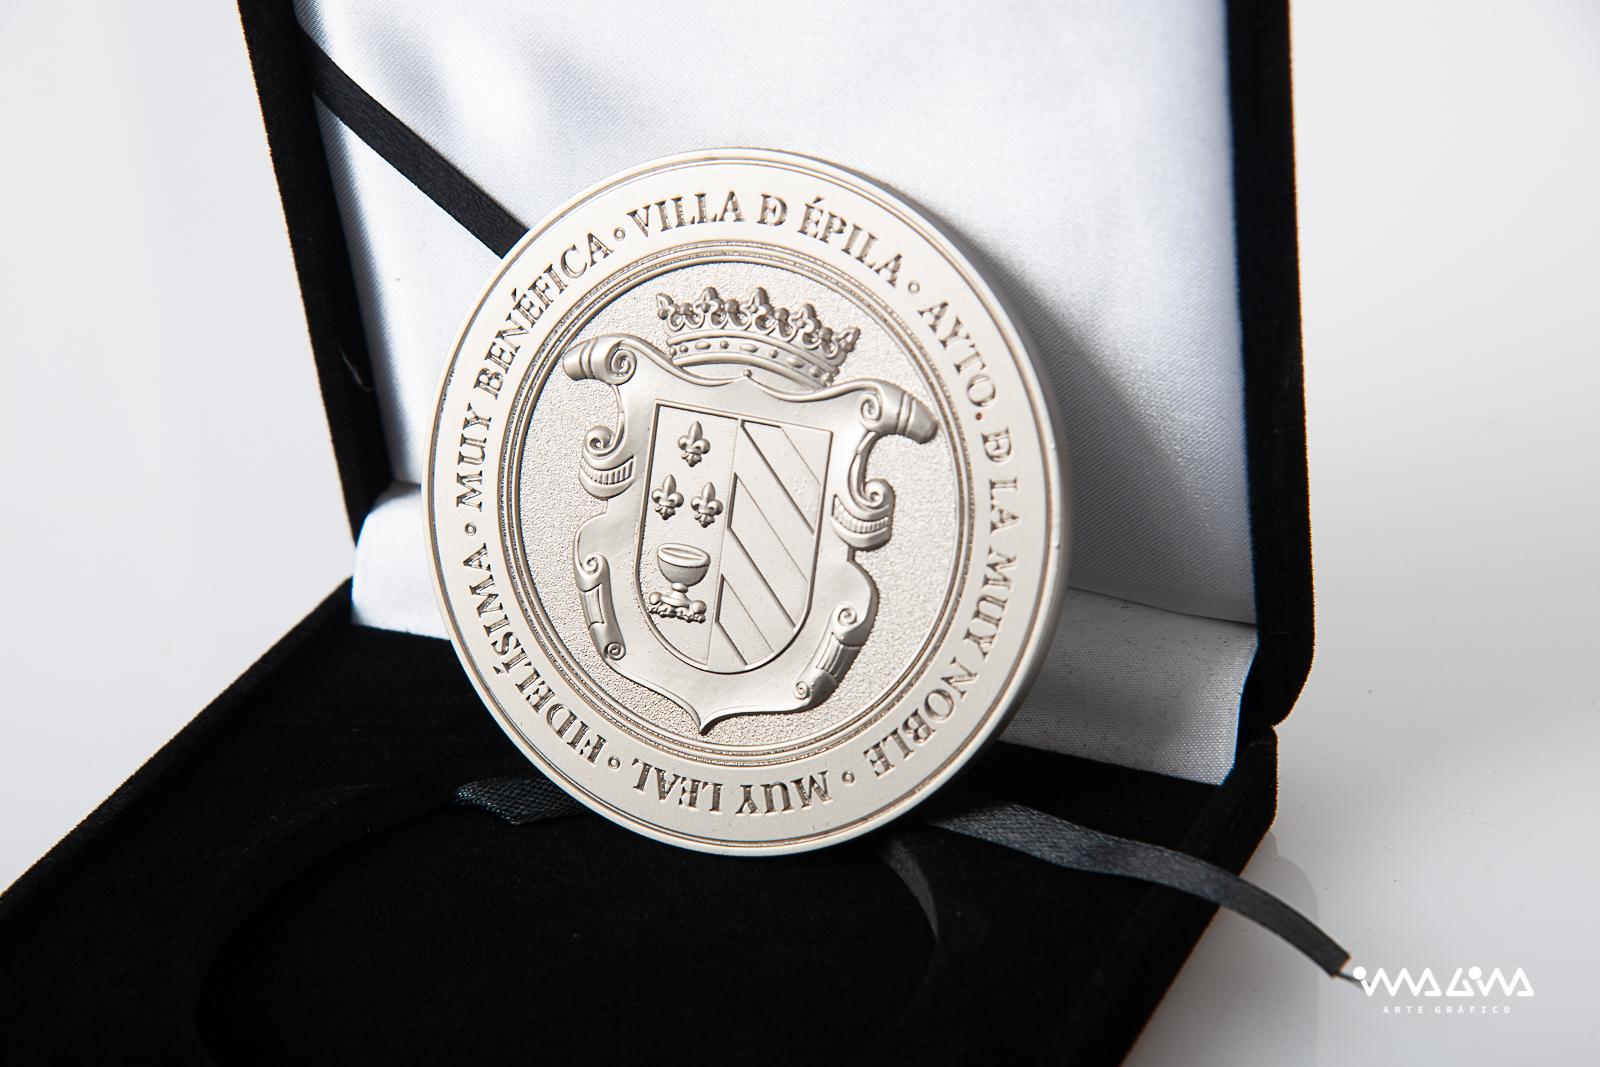 Moneda personalizada - Conde Aranda - Ayuntamiento de Épila - Imagina Arte Gráfico